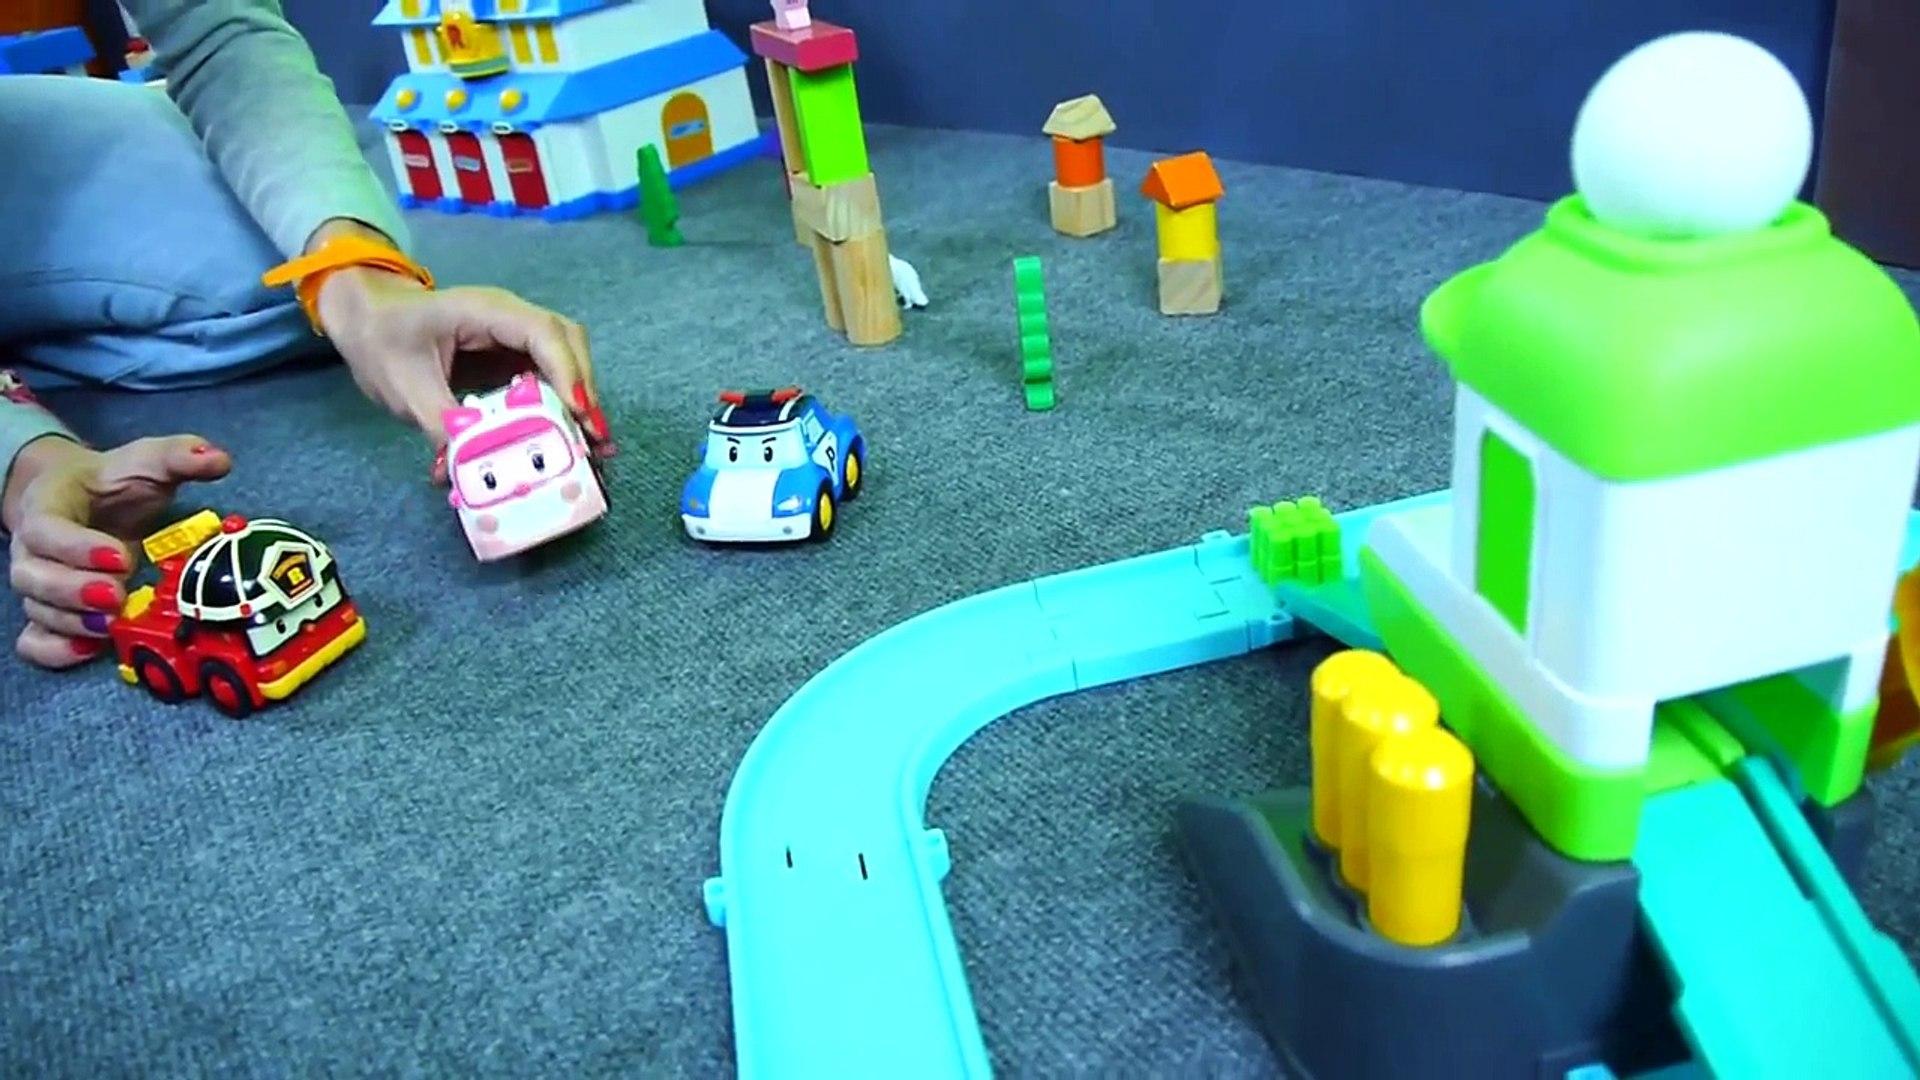 мультфильмы про машинки - Игра в Вышибалы - Робокар Поли новые серии с игрушечными машинками